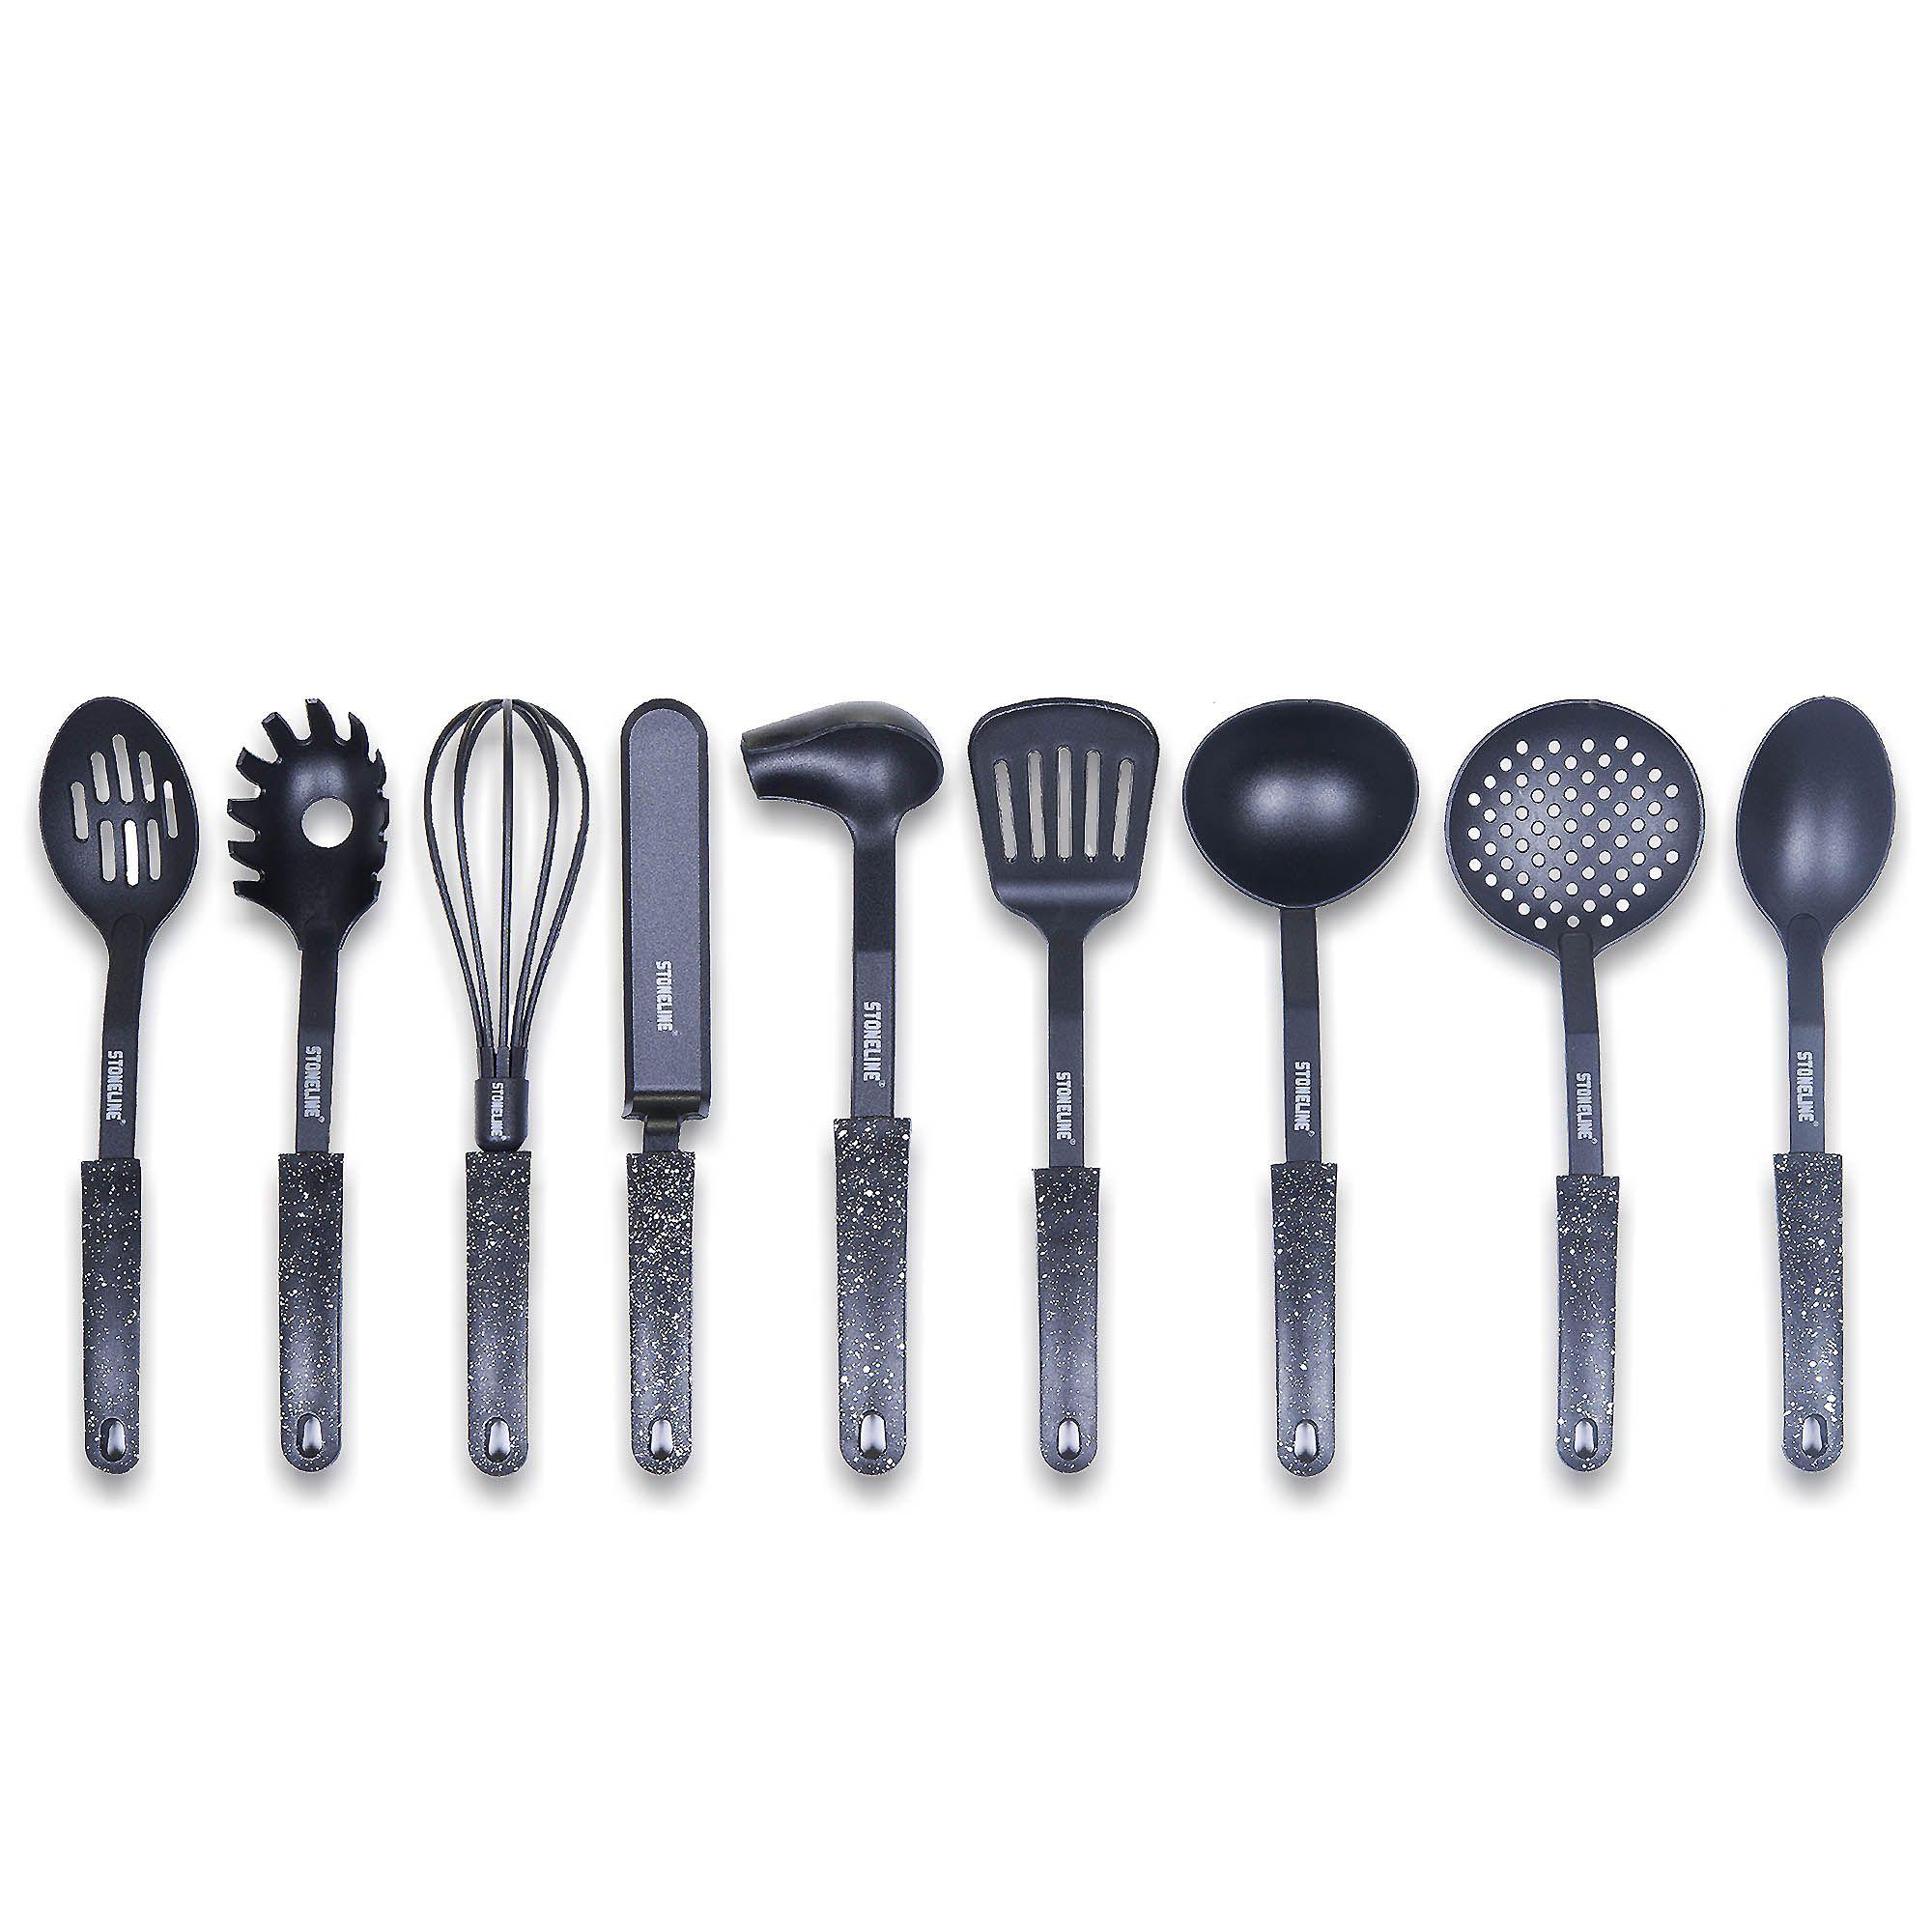 Utensili da cucina for Kit utensili da cucina